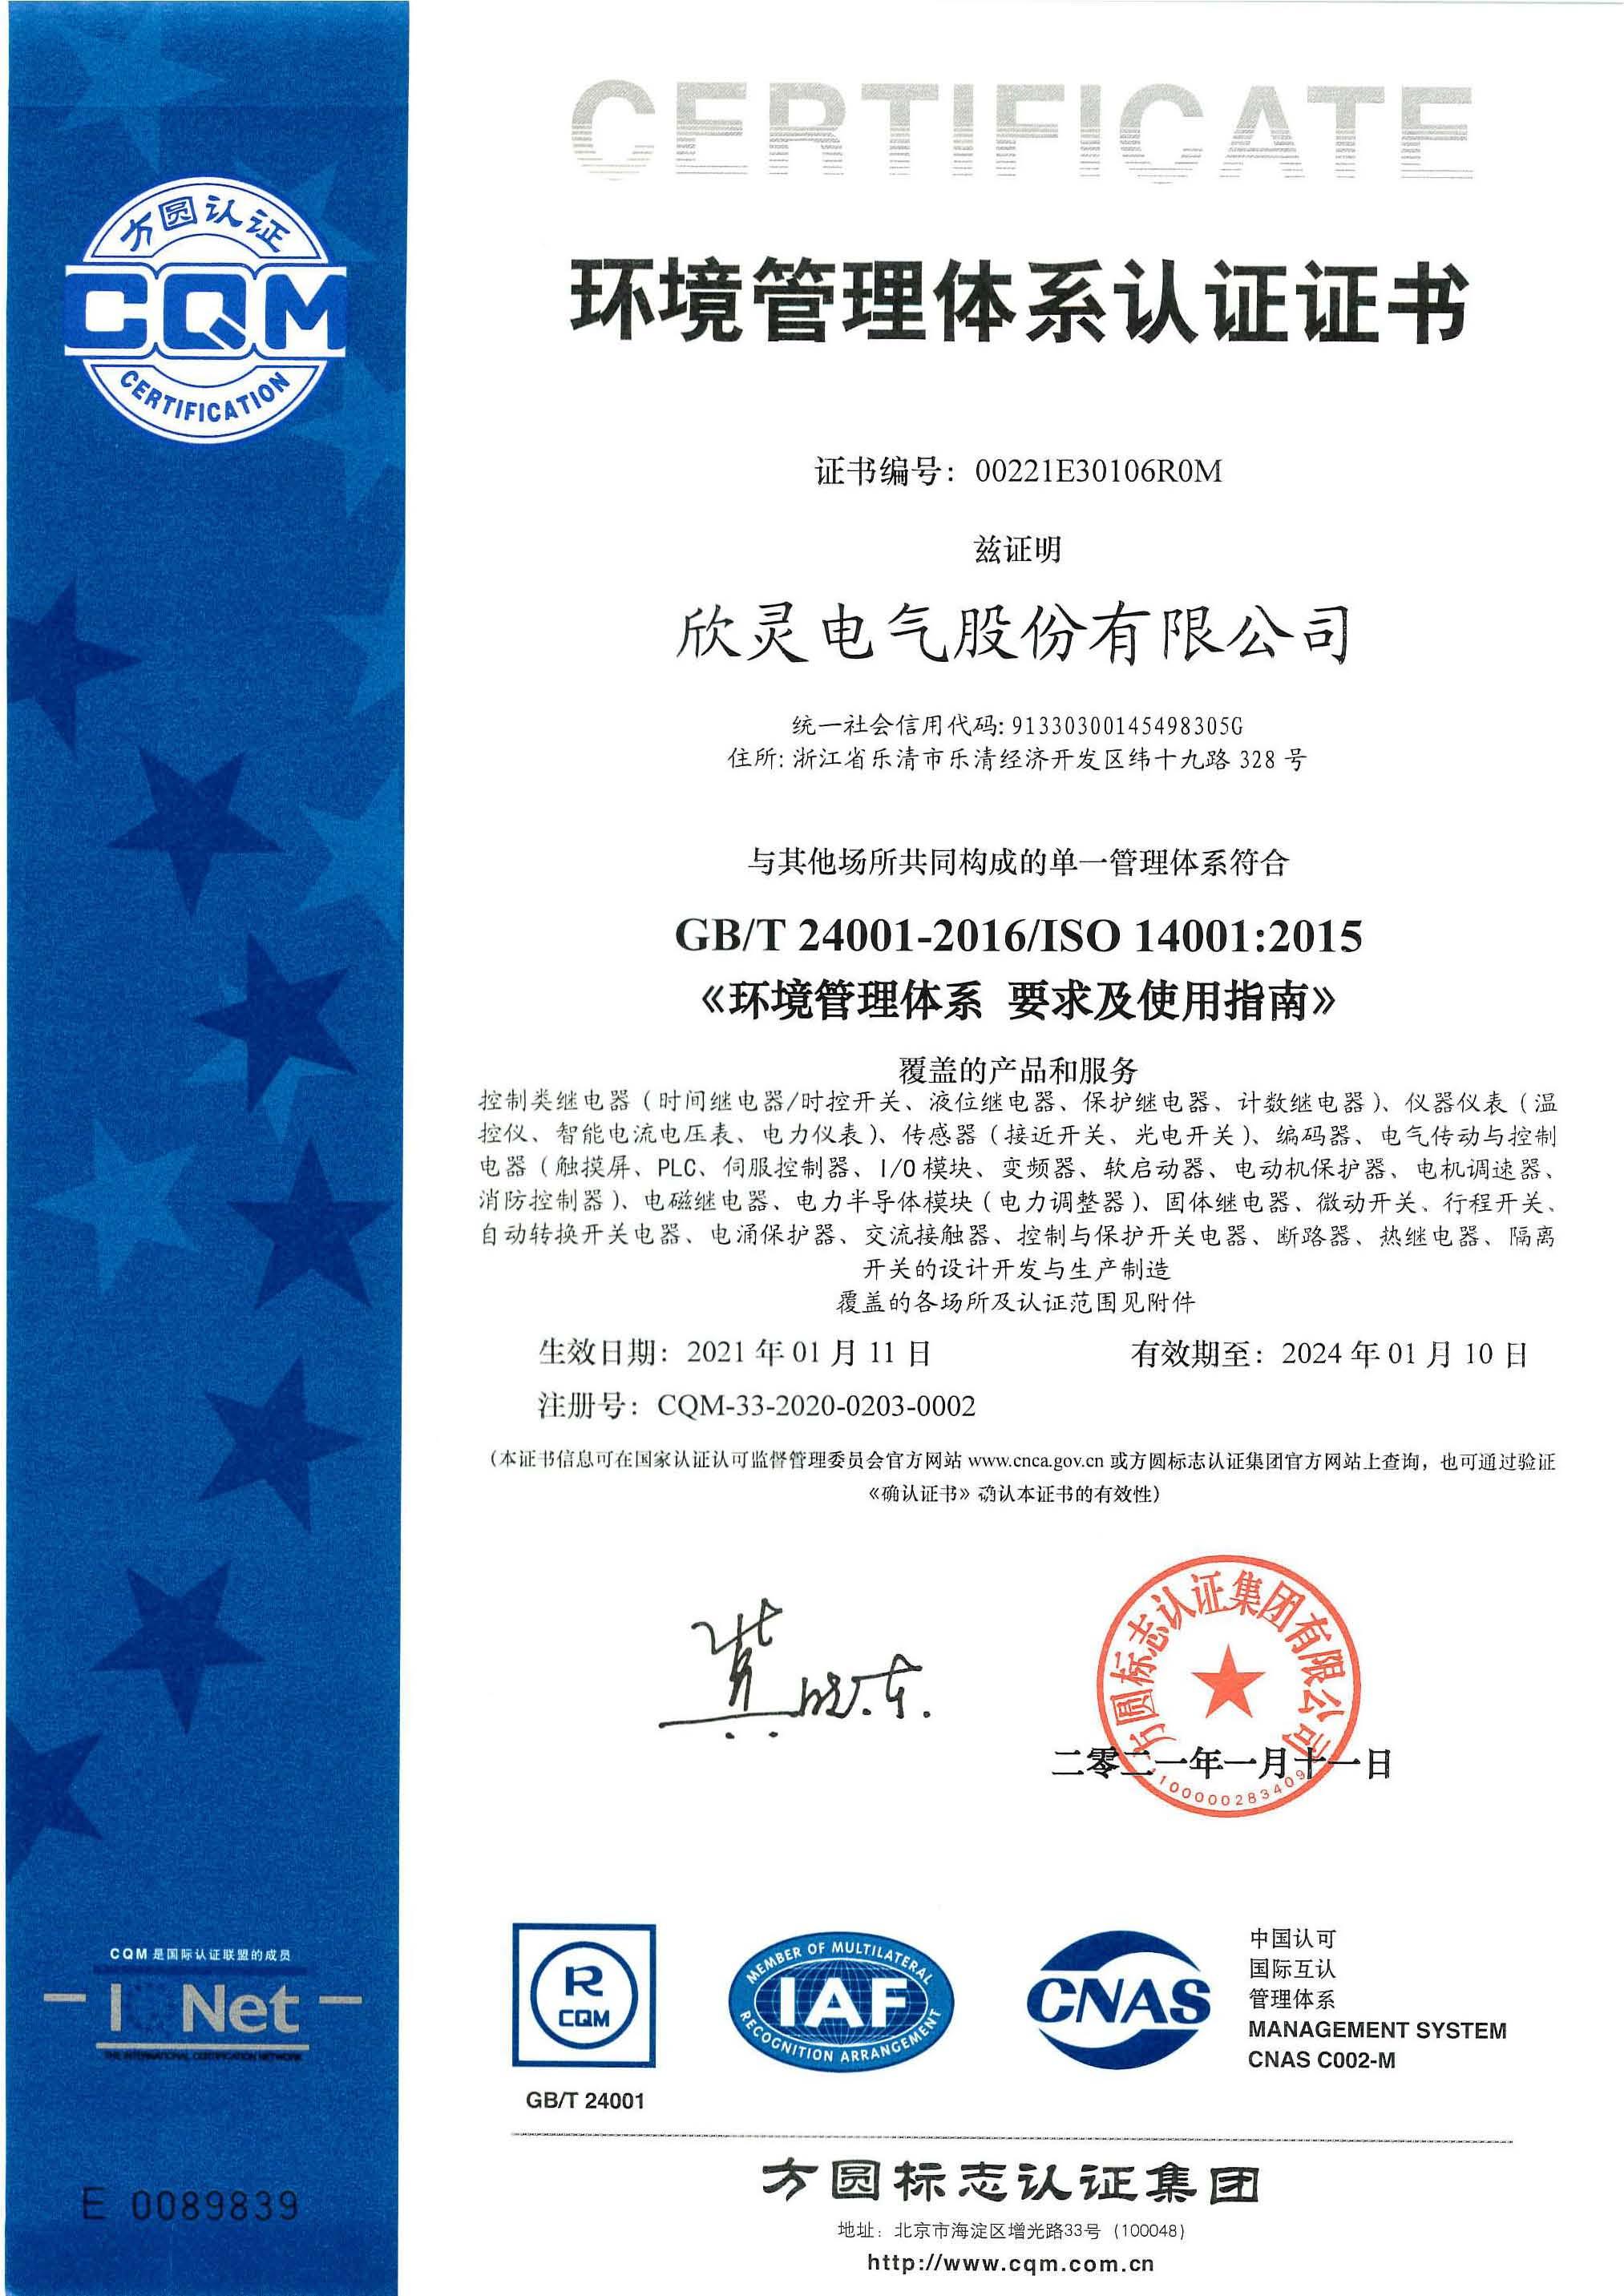 环境管理体系认证证书_欣灵